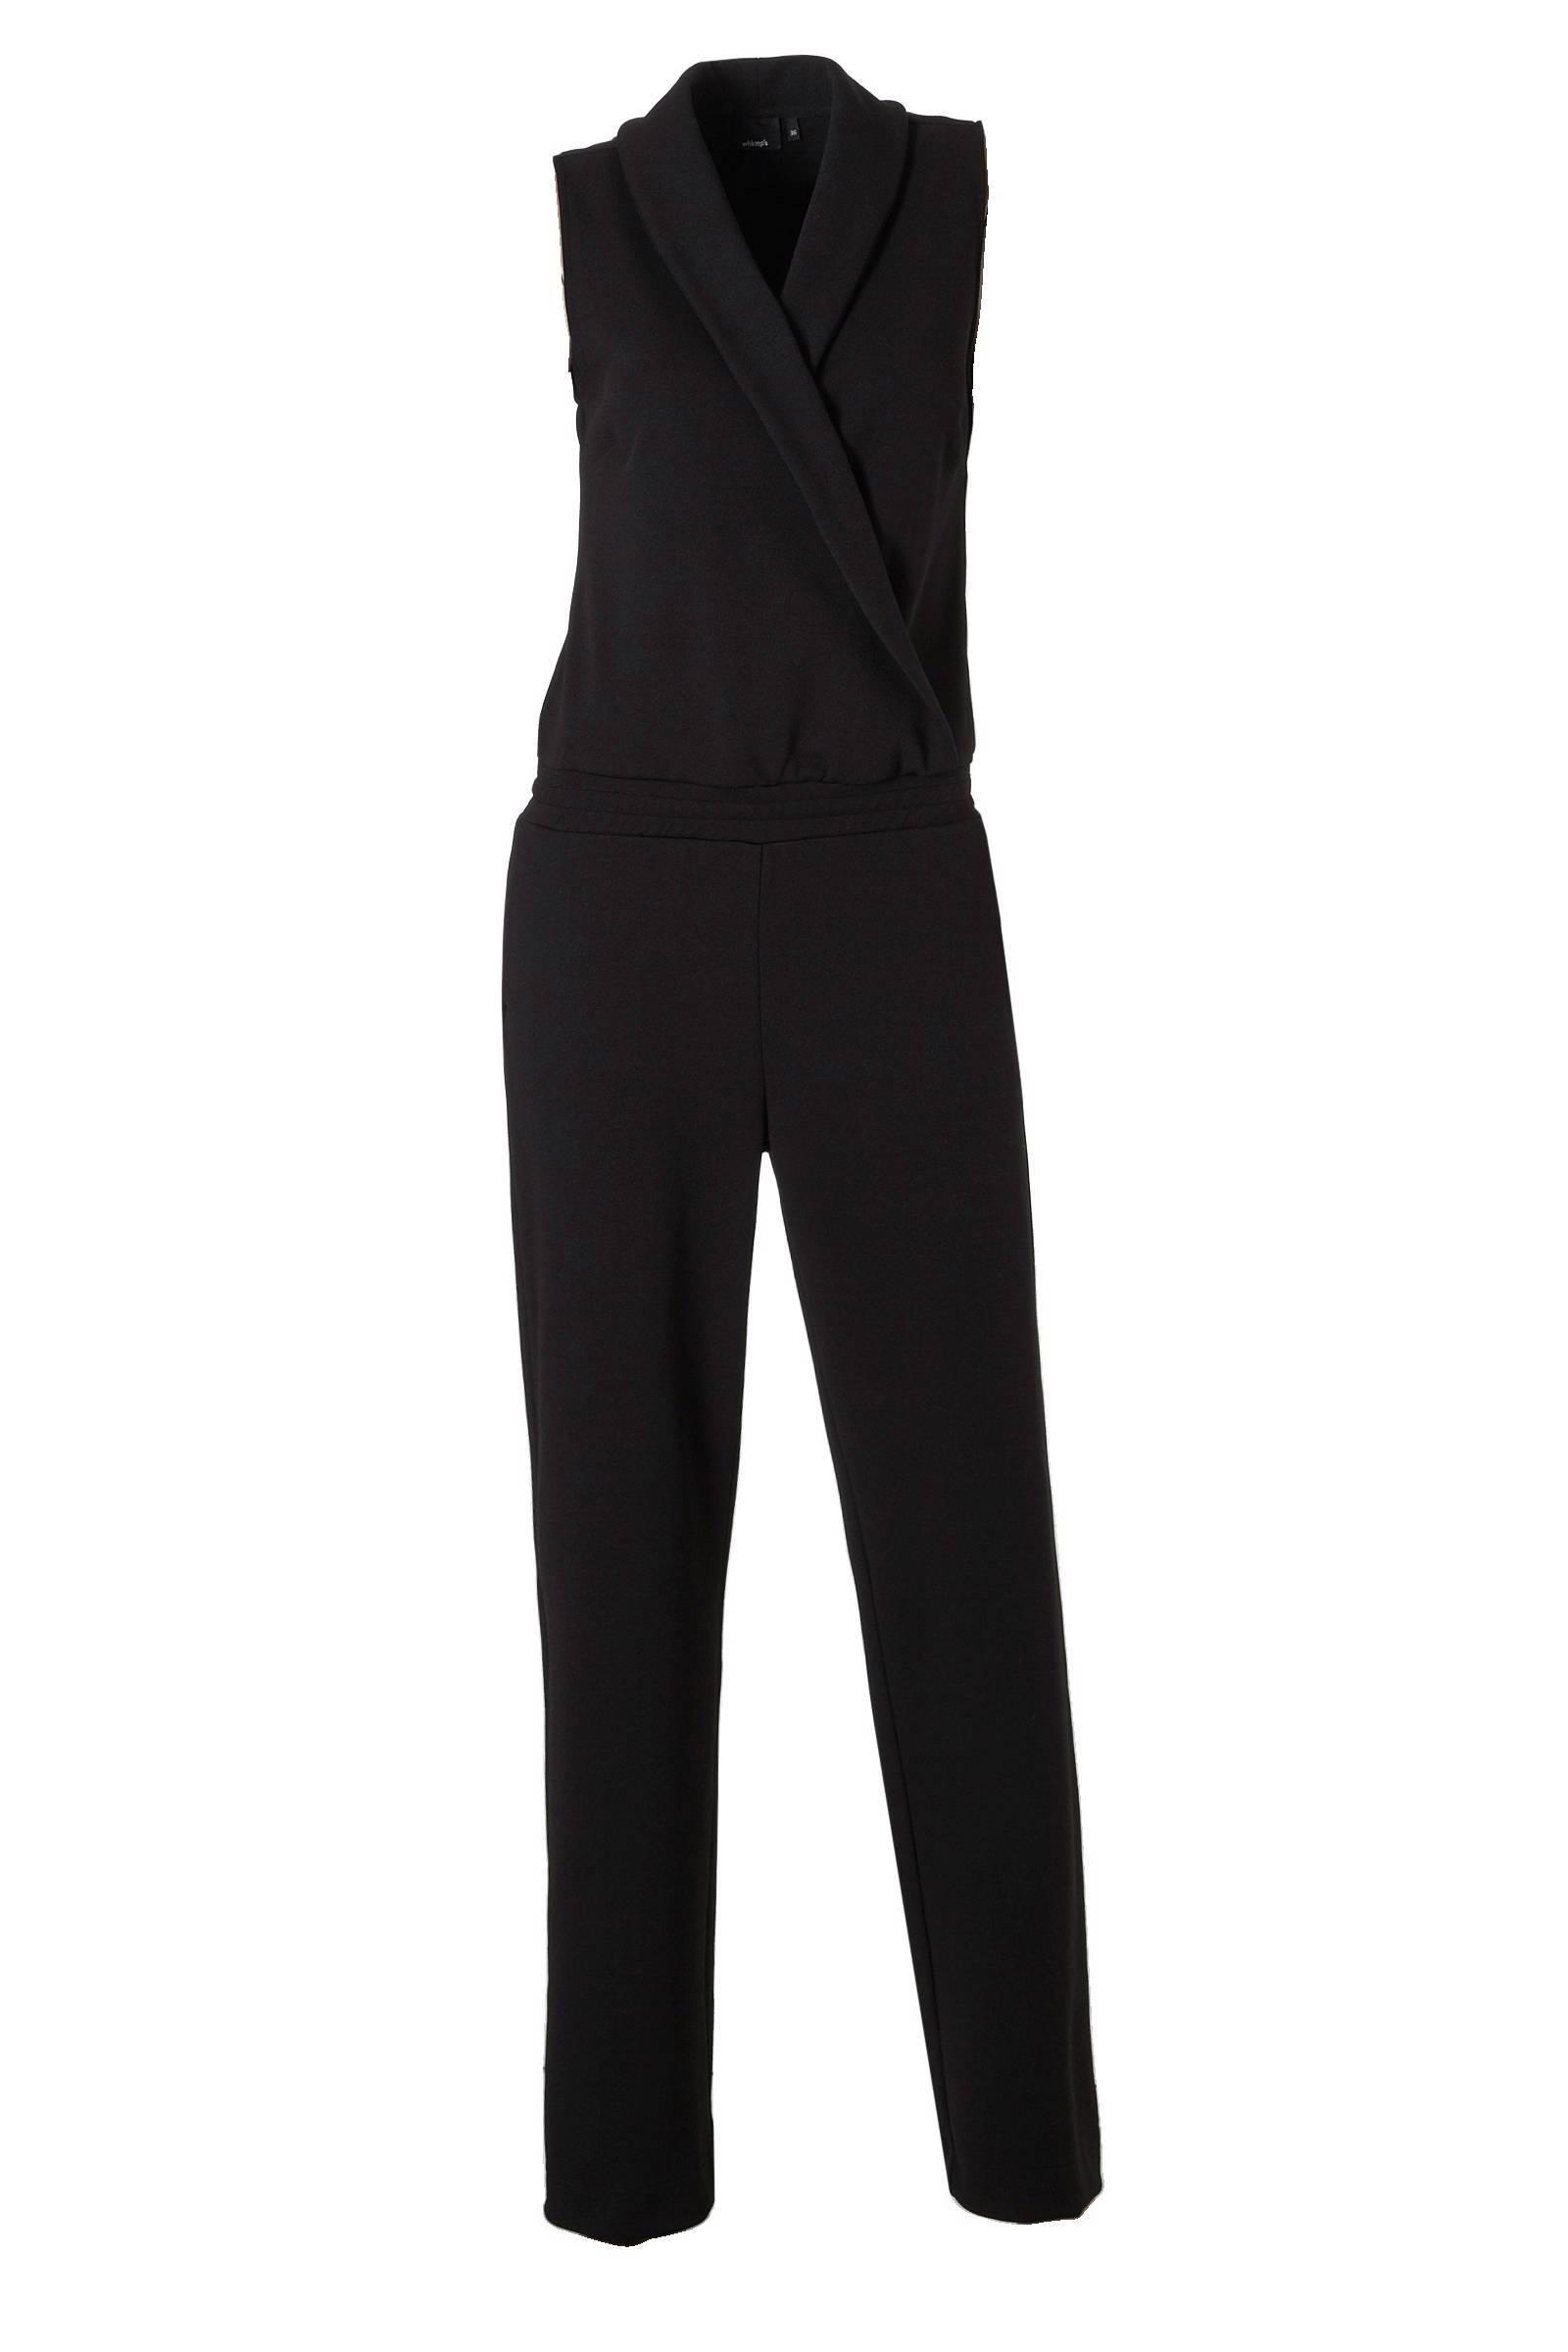 whkmp's own jumpsuit met reverskraag (dames)